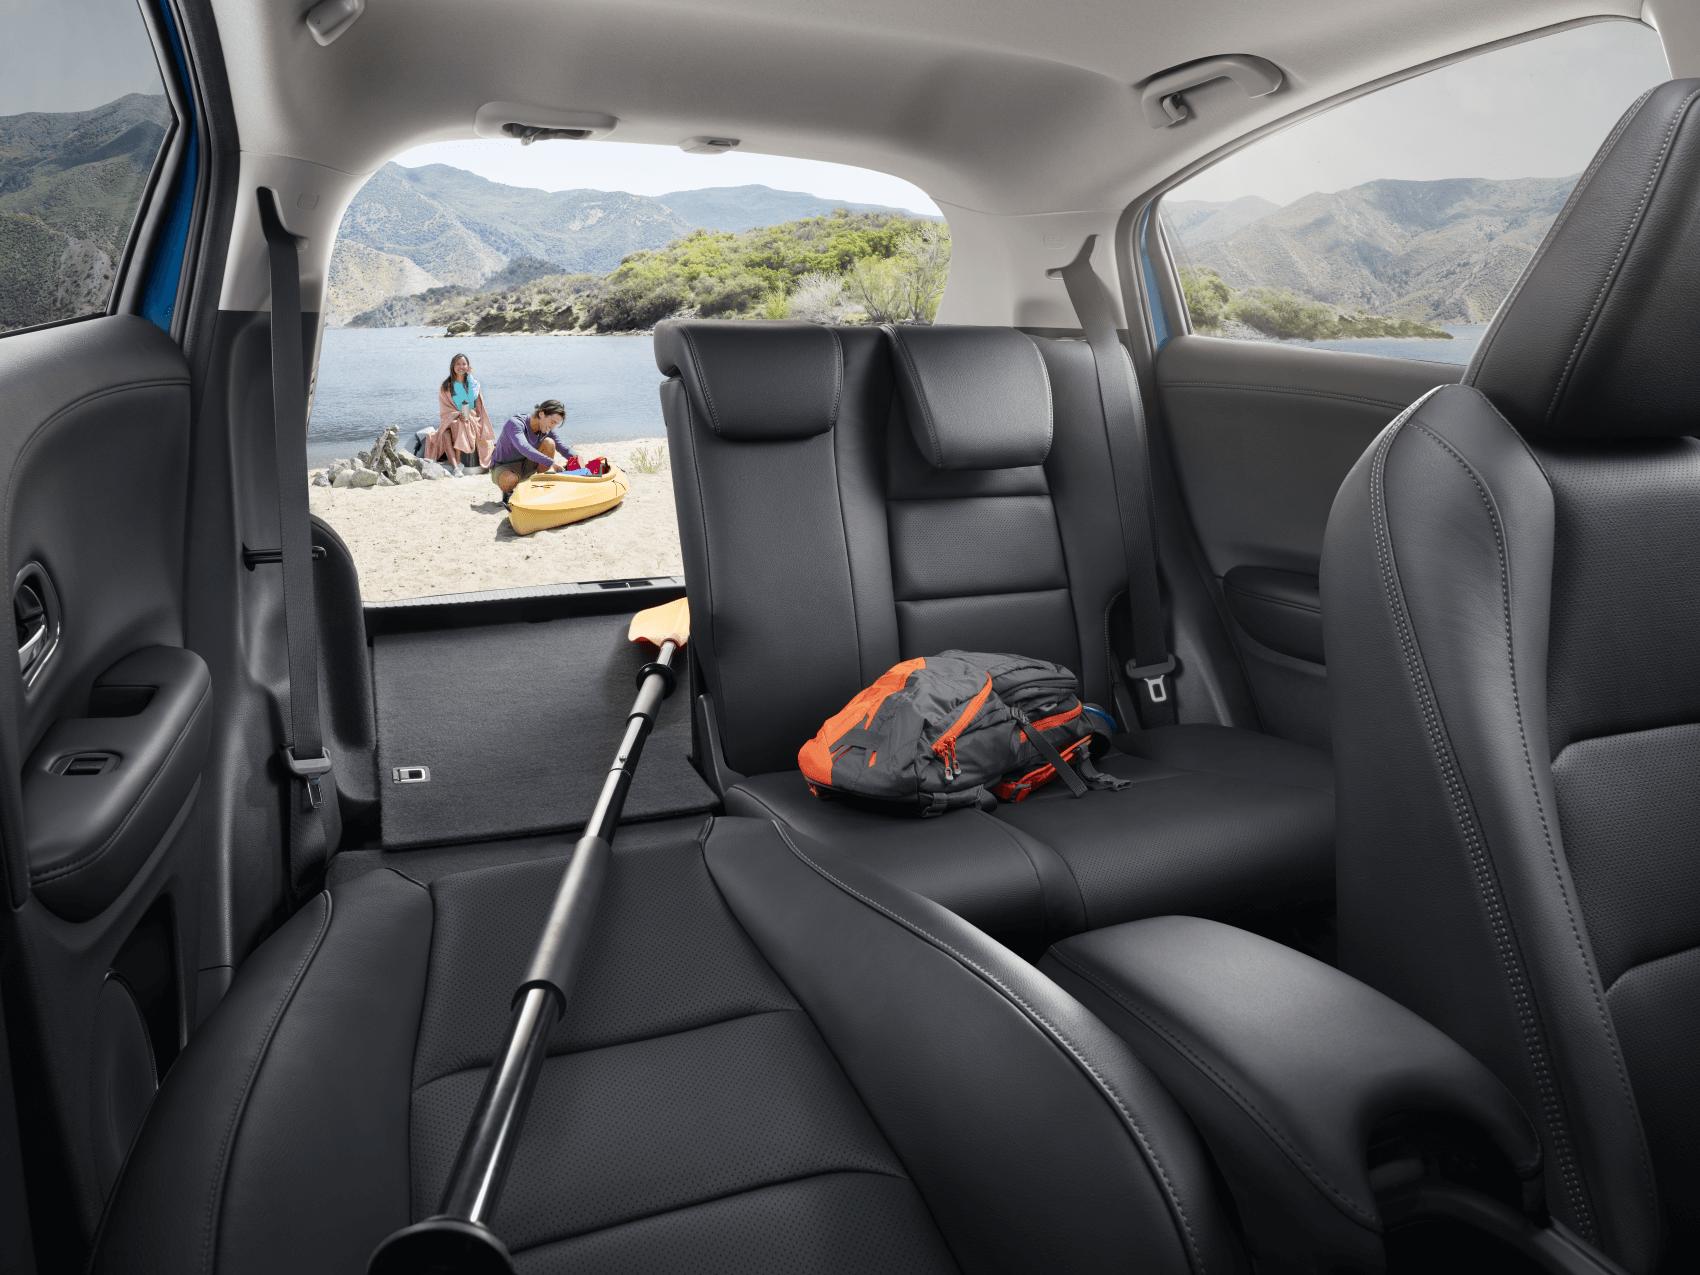 Honda HR-V Interior Irvine CA